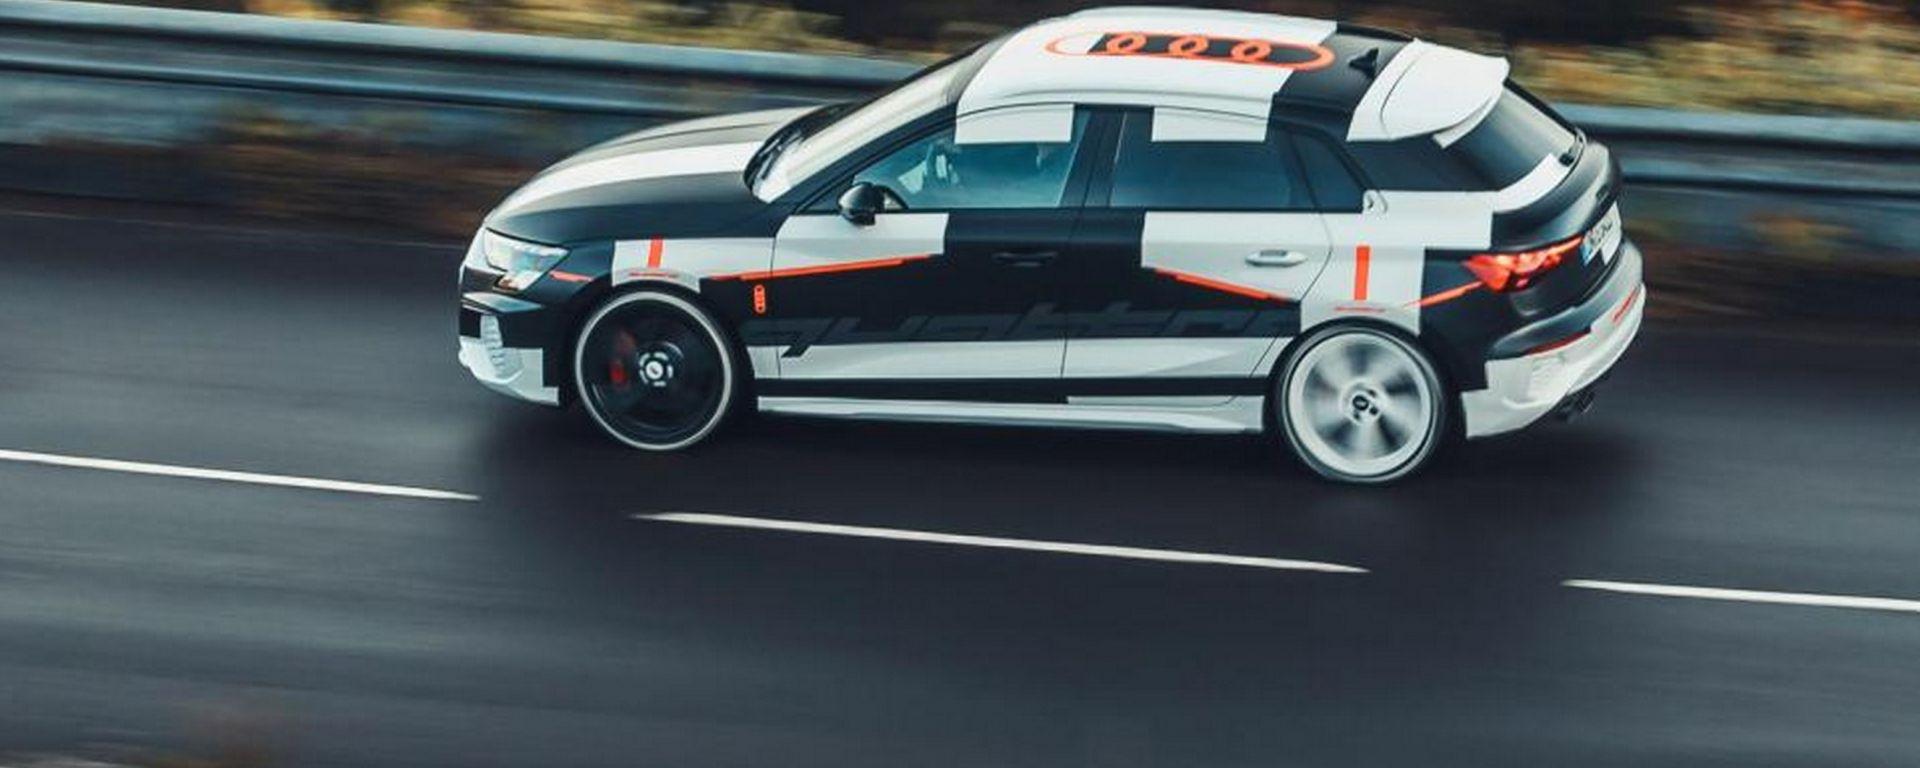 Audi A3 2020, il prototipo provato in anteprima dalla stampa british